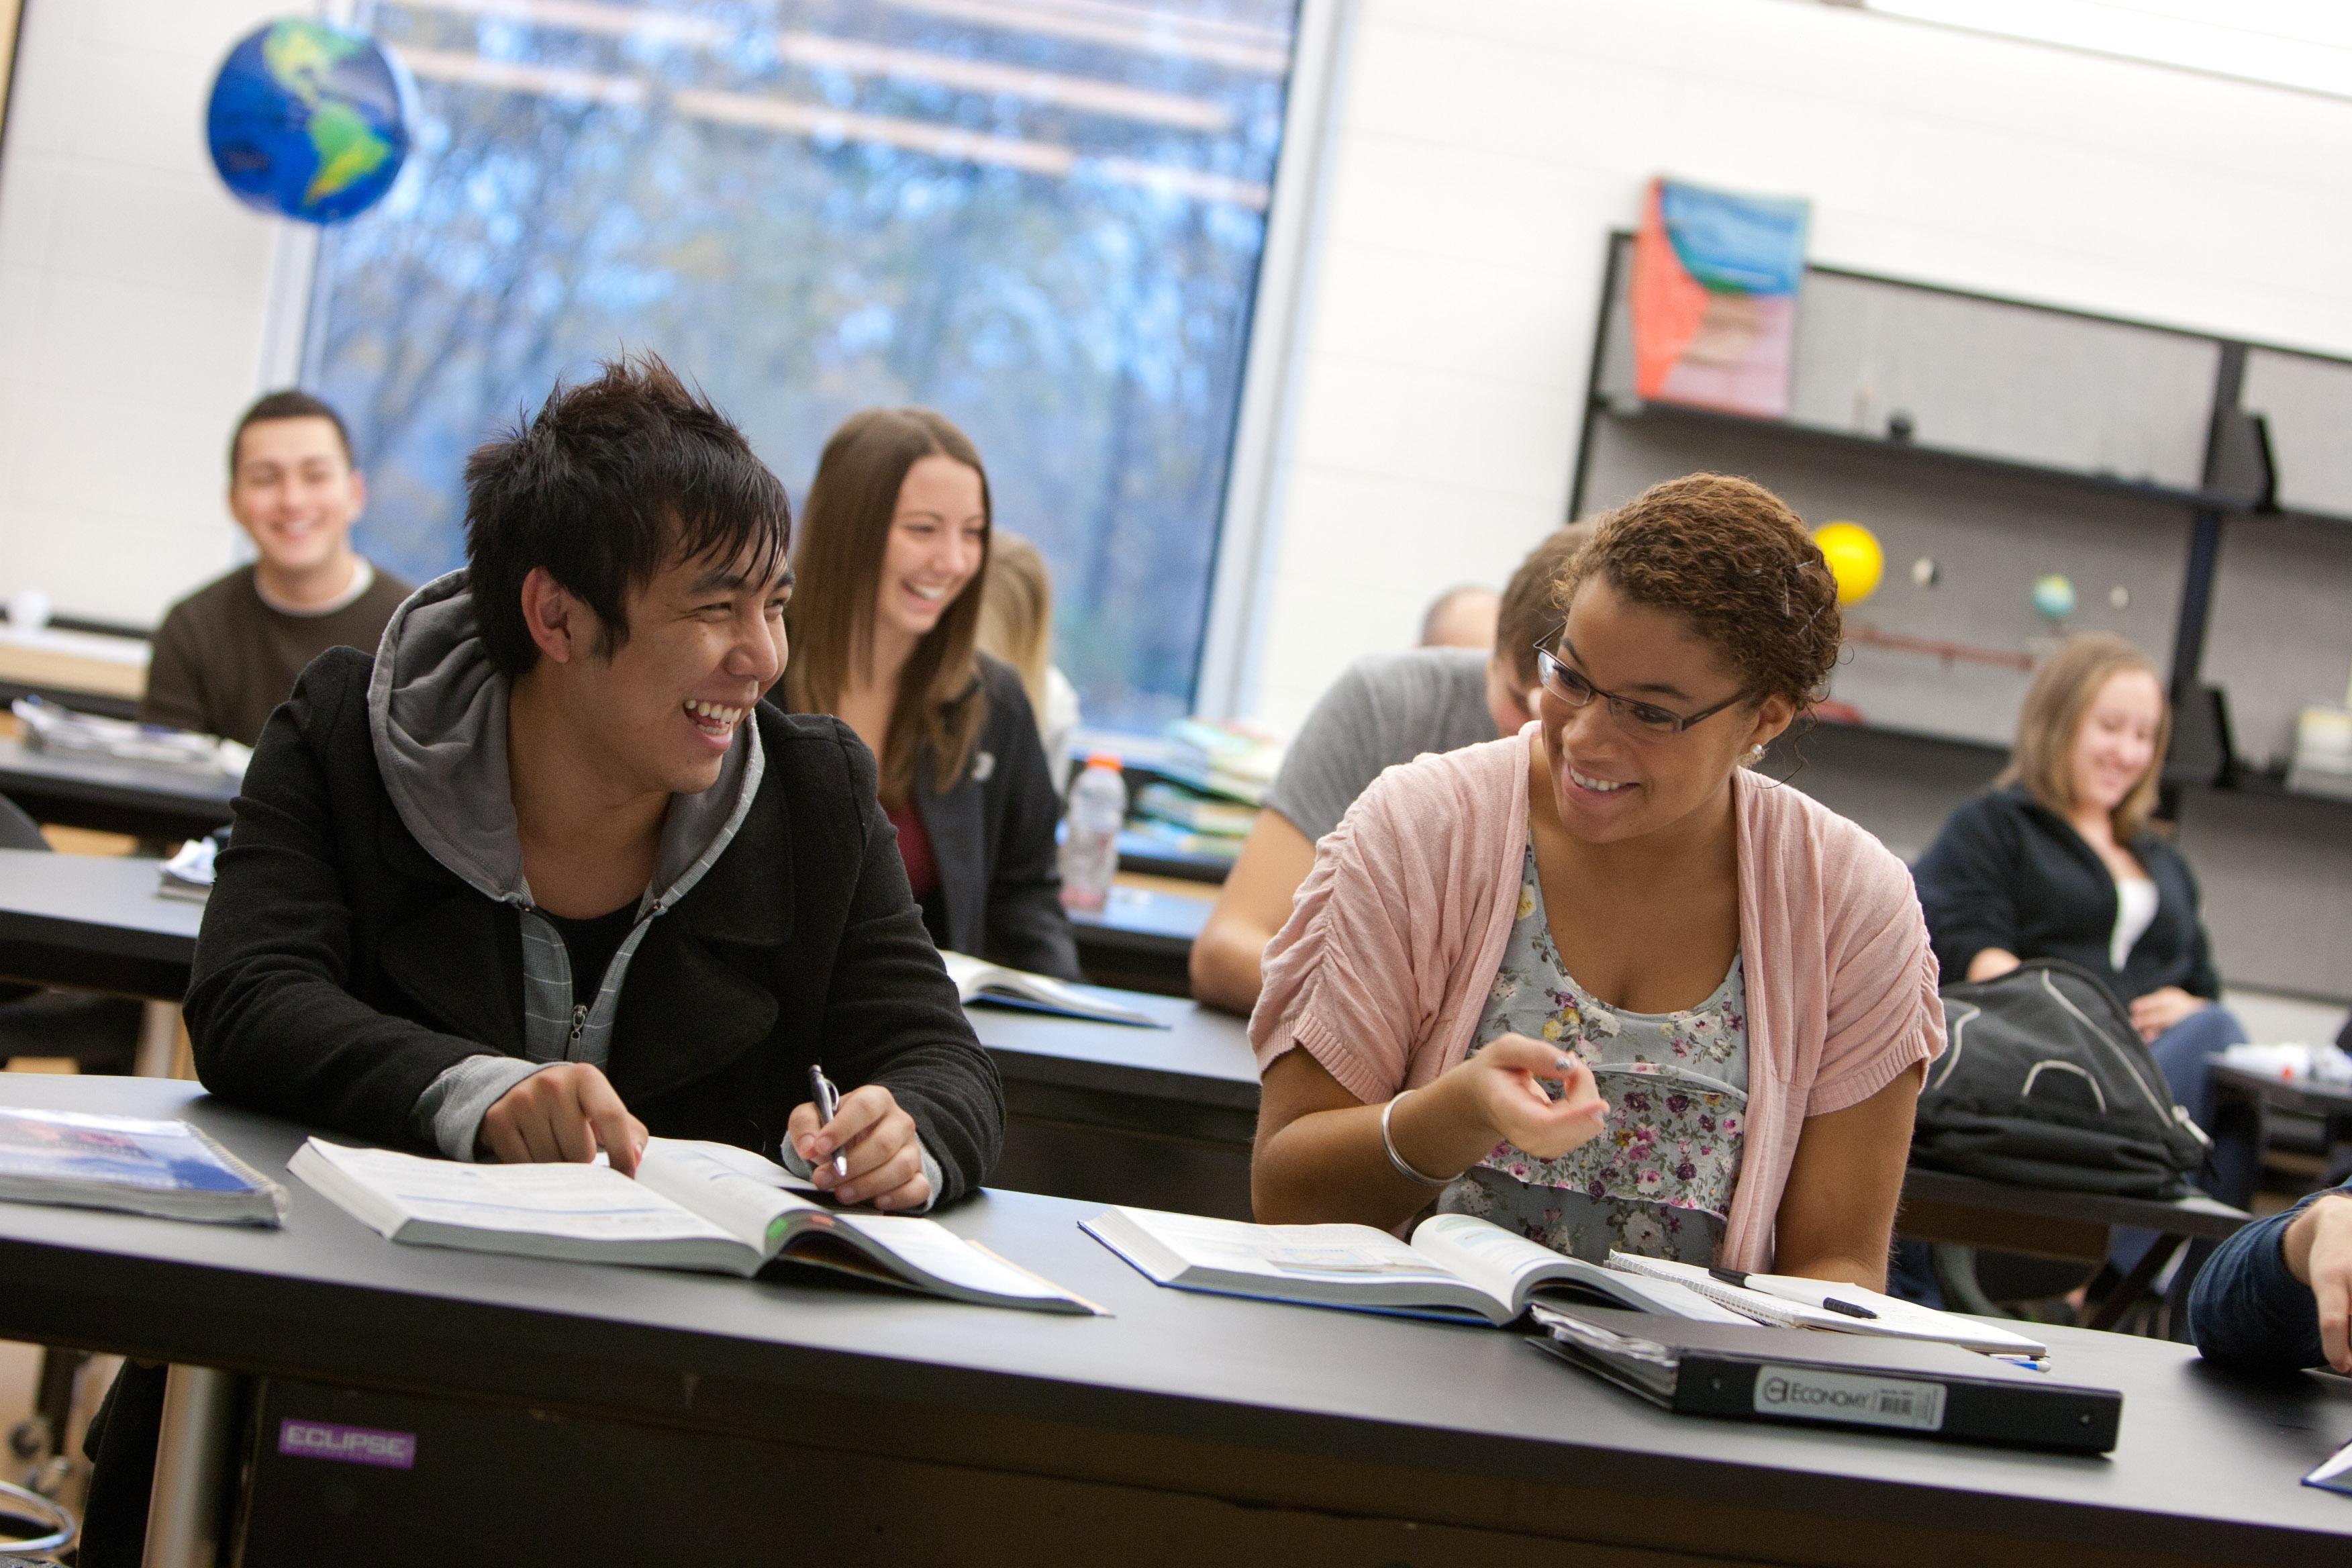 UW Colleges students in classroom